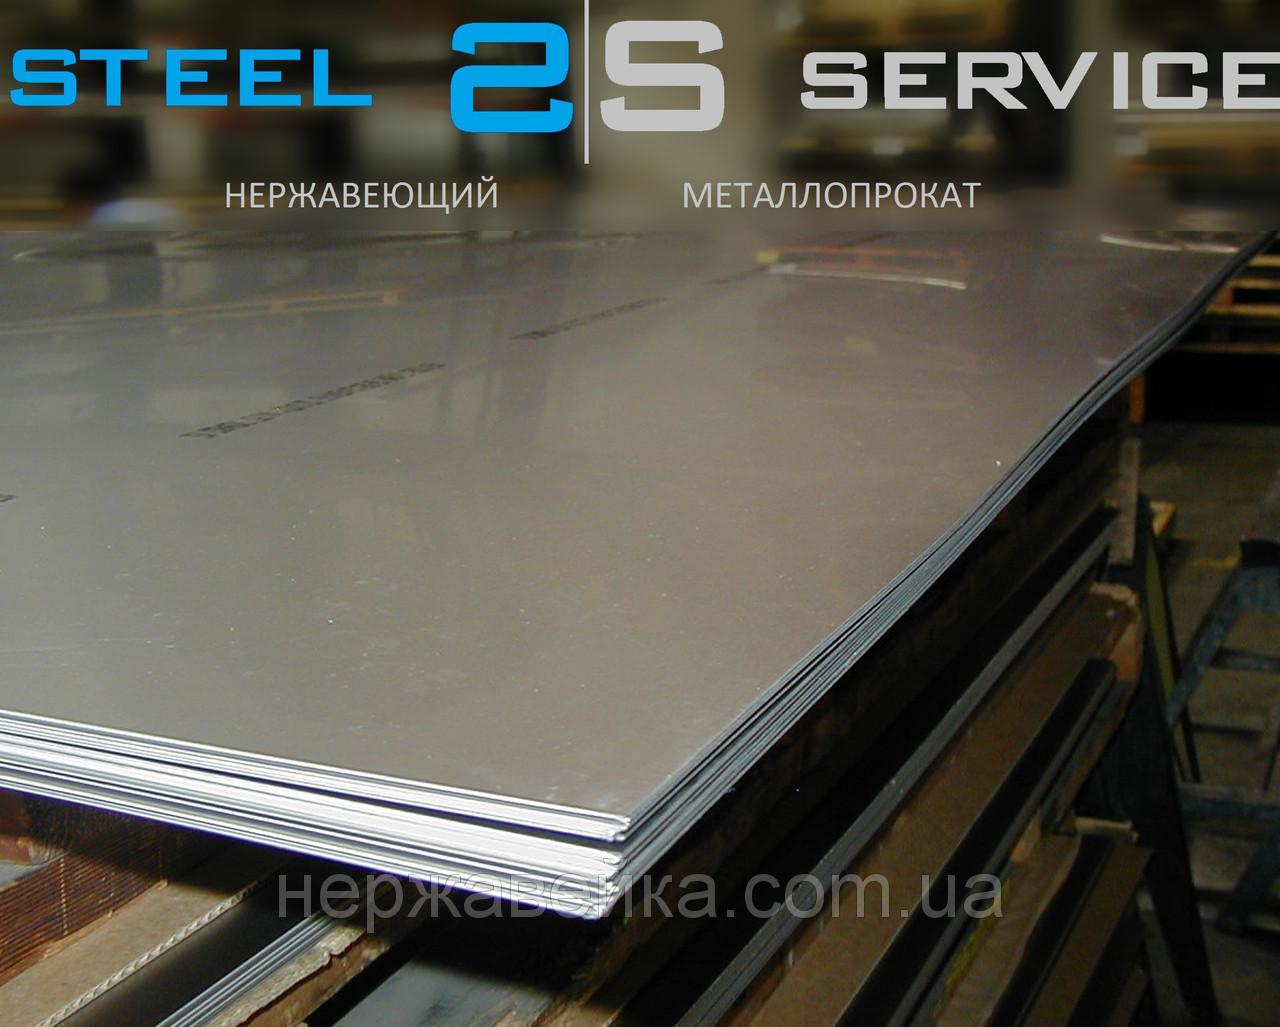 Нержавейка лист 0,8х1000х2000мм AiSi 201  (12Х15Г9НД) 4N - шлифованный